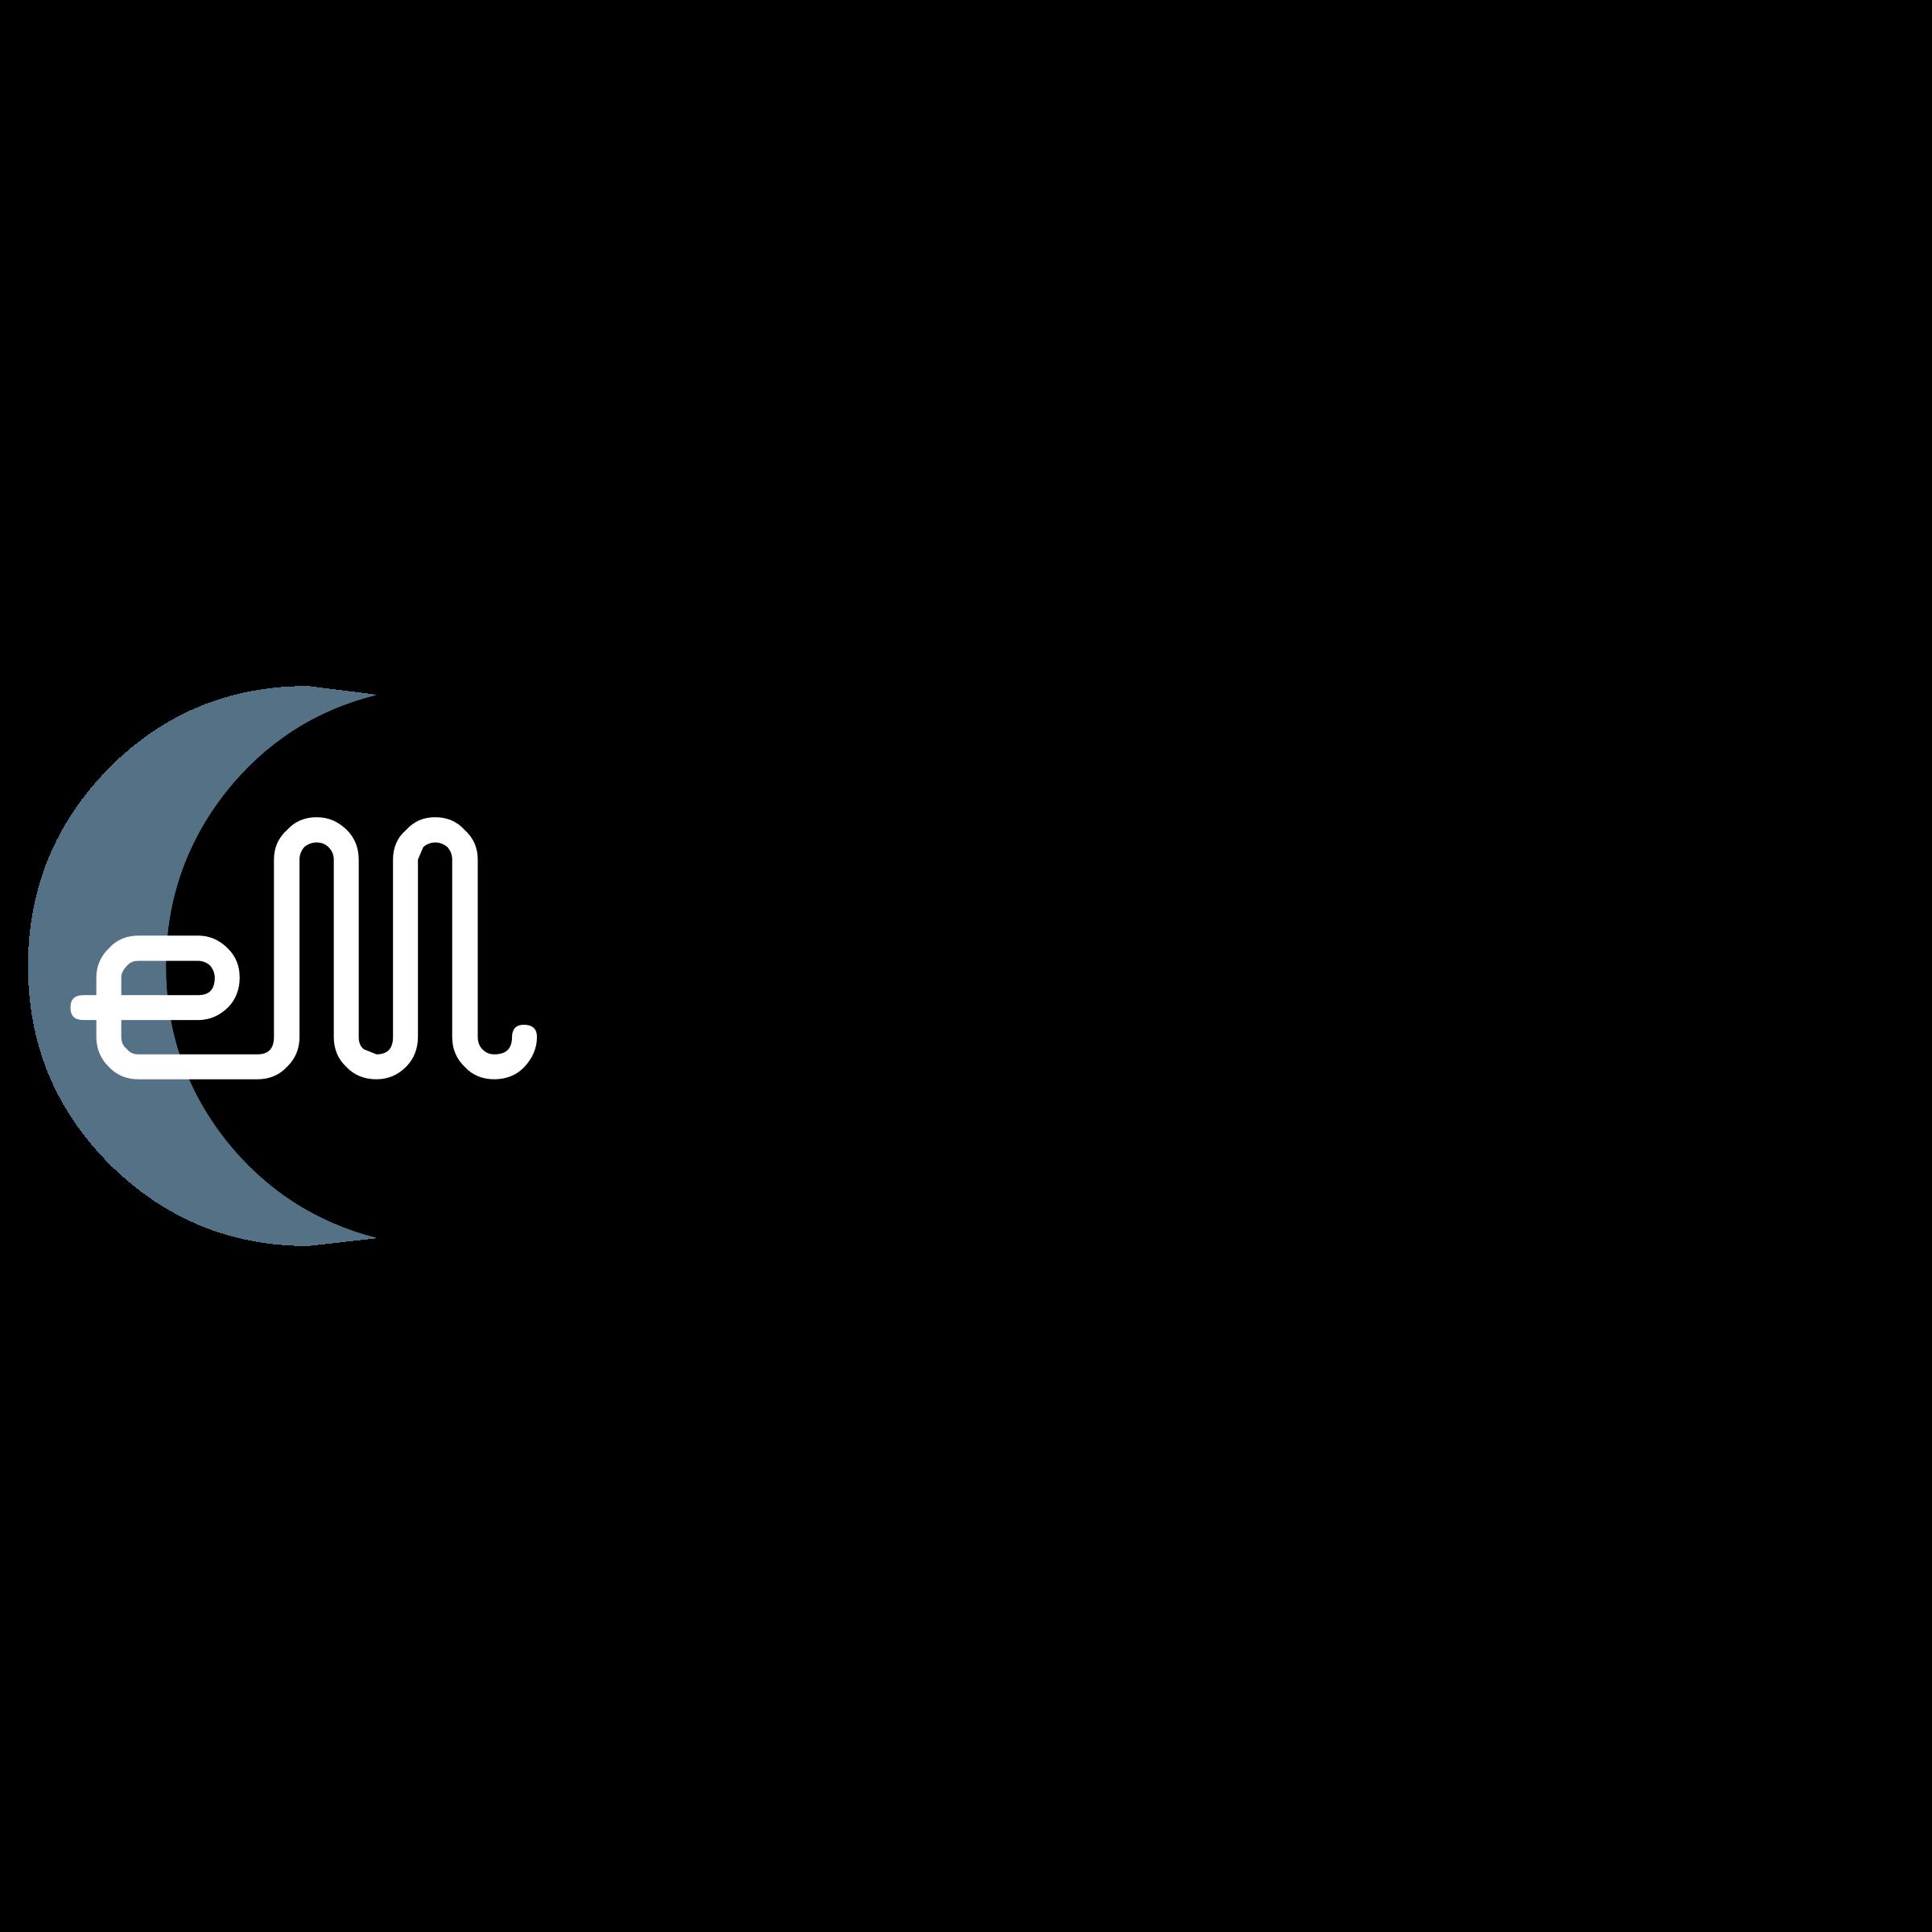 EMusic Logo PNG Transparent & SVG Vector.